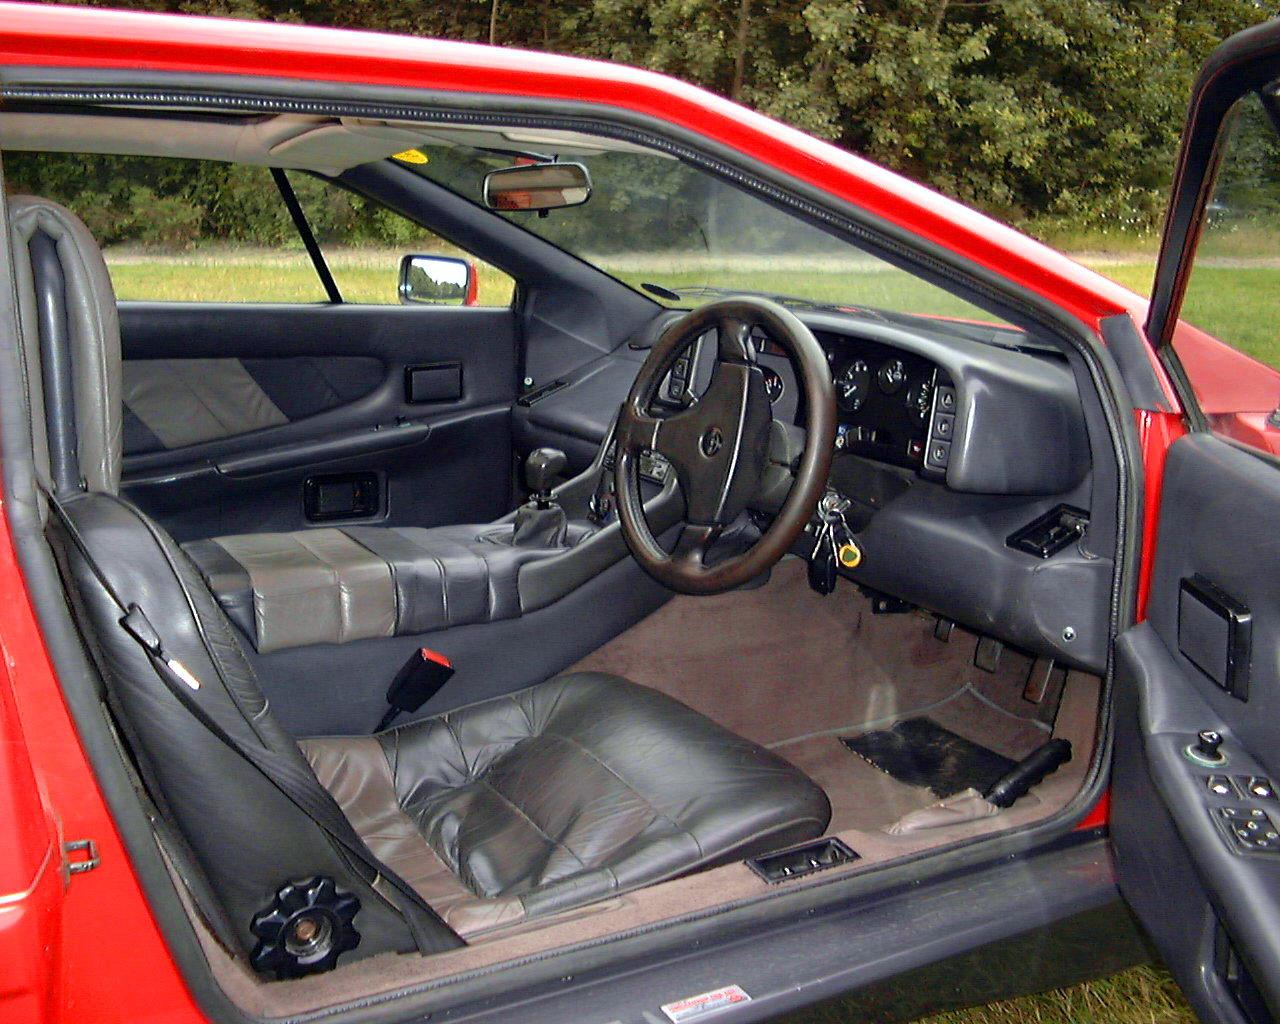 Mark Blanchard S 1987 Lotus Esprit Turbo X180